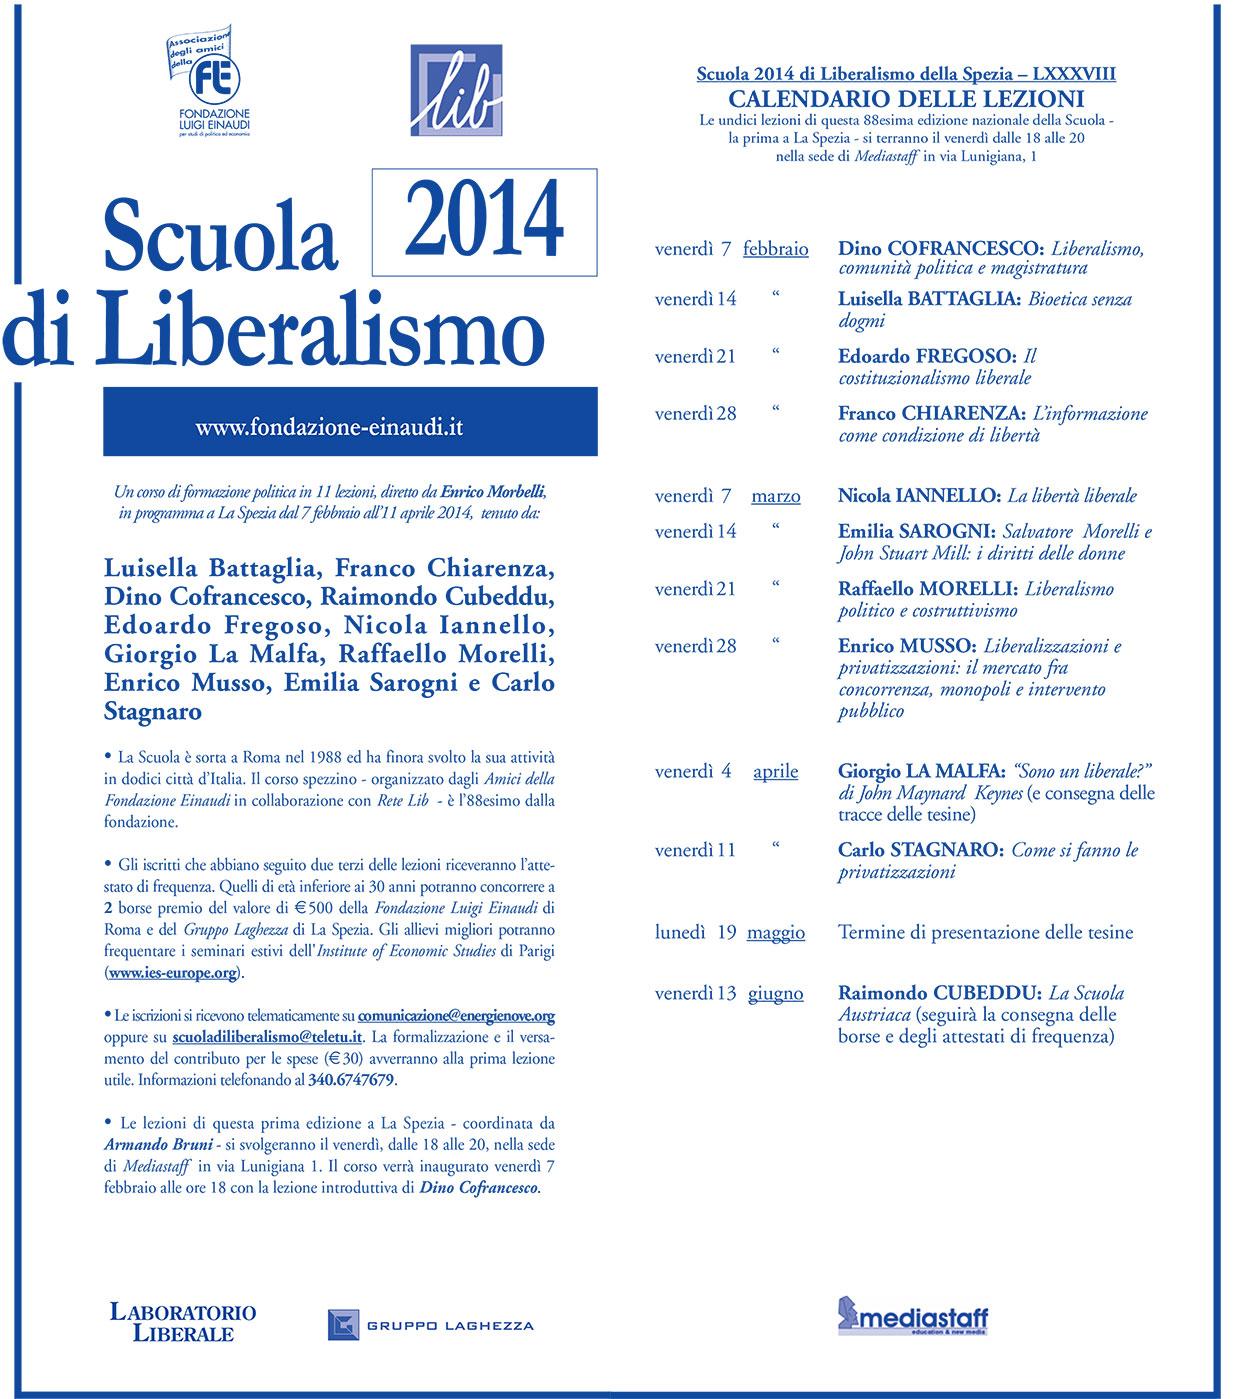 Scuola di Liberalismo di La Spezia 2014 – calendario delle lezioni